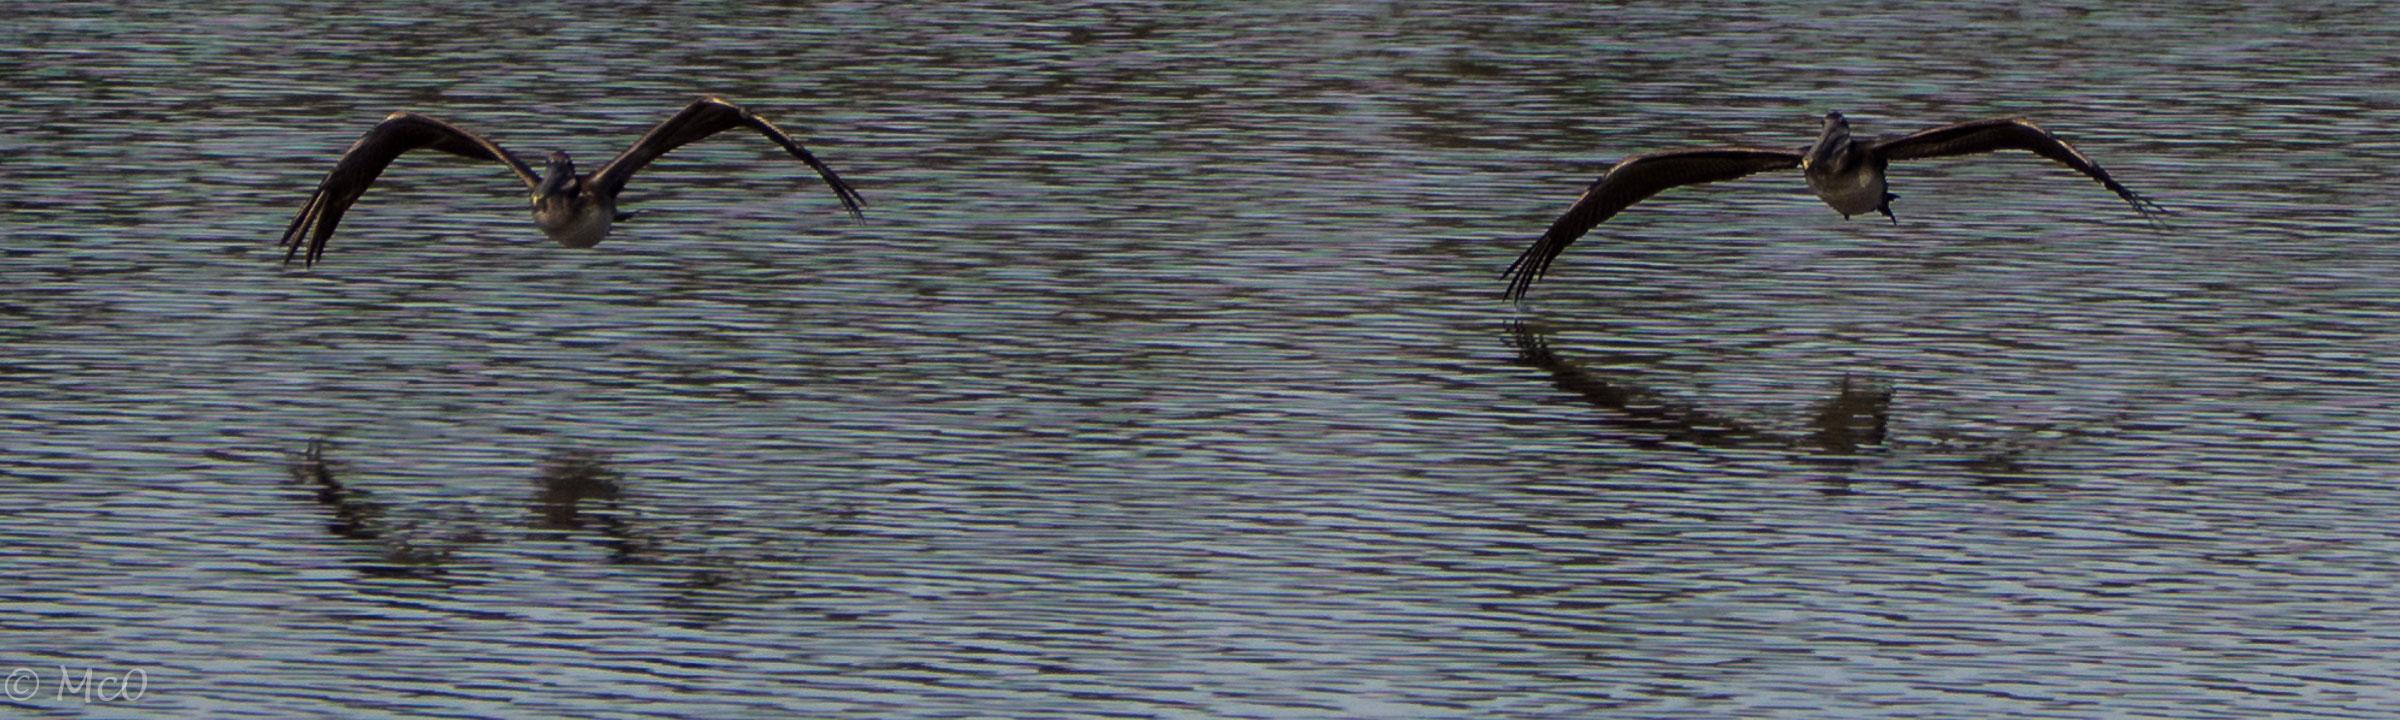 banner-pelicans